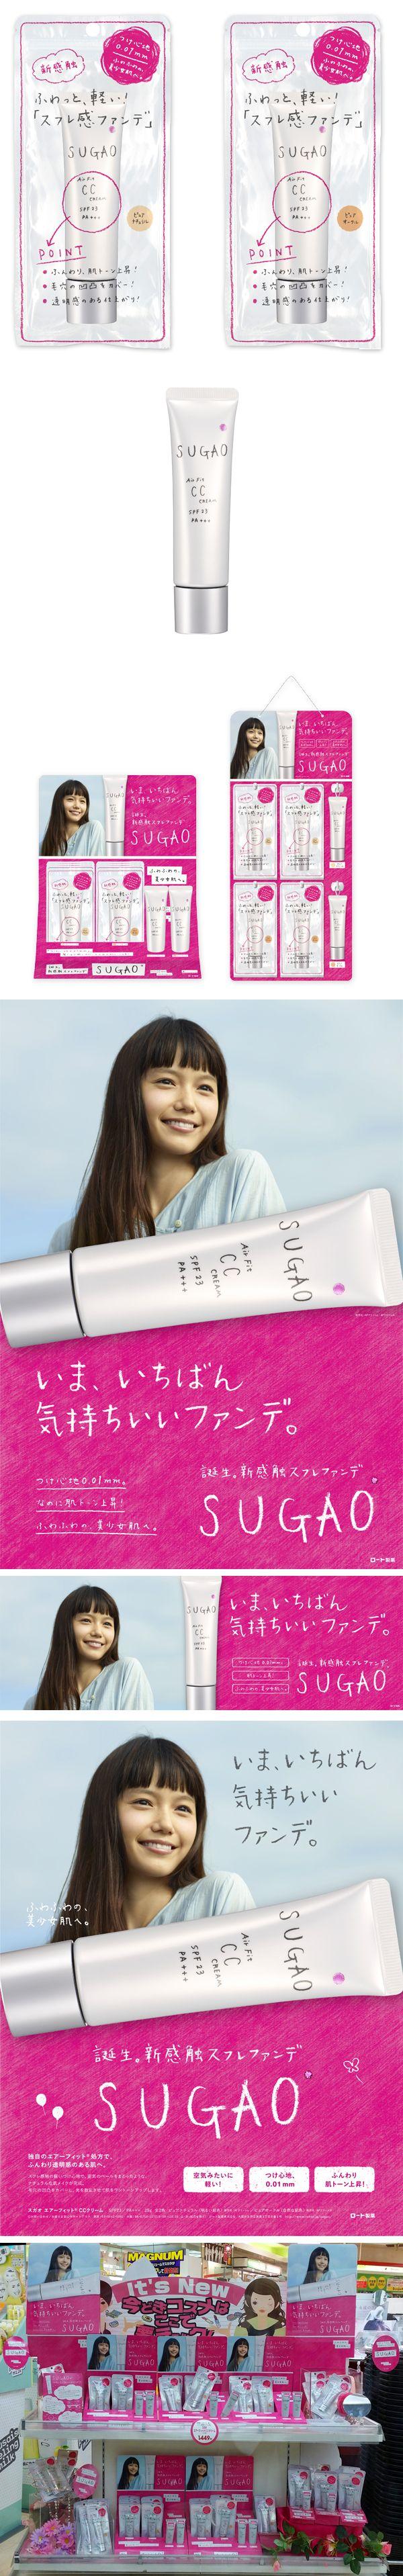 ロート製薬 SUGAO パッケージ/広告/店頭什器